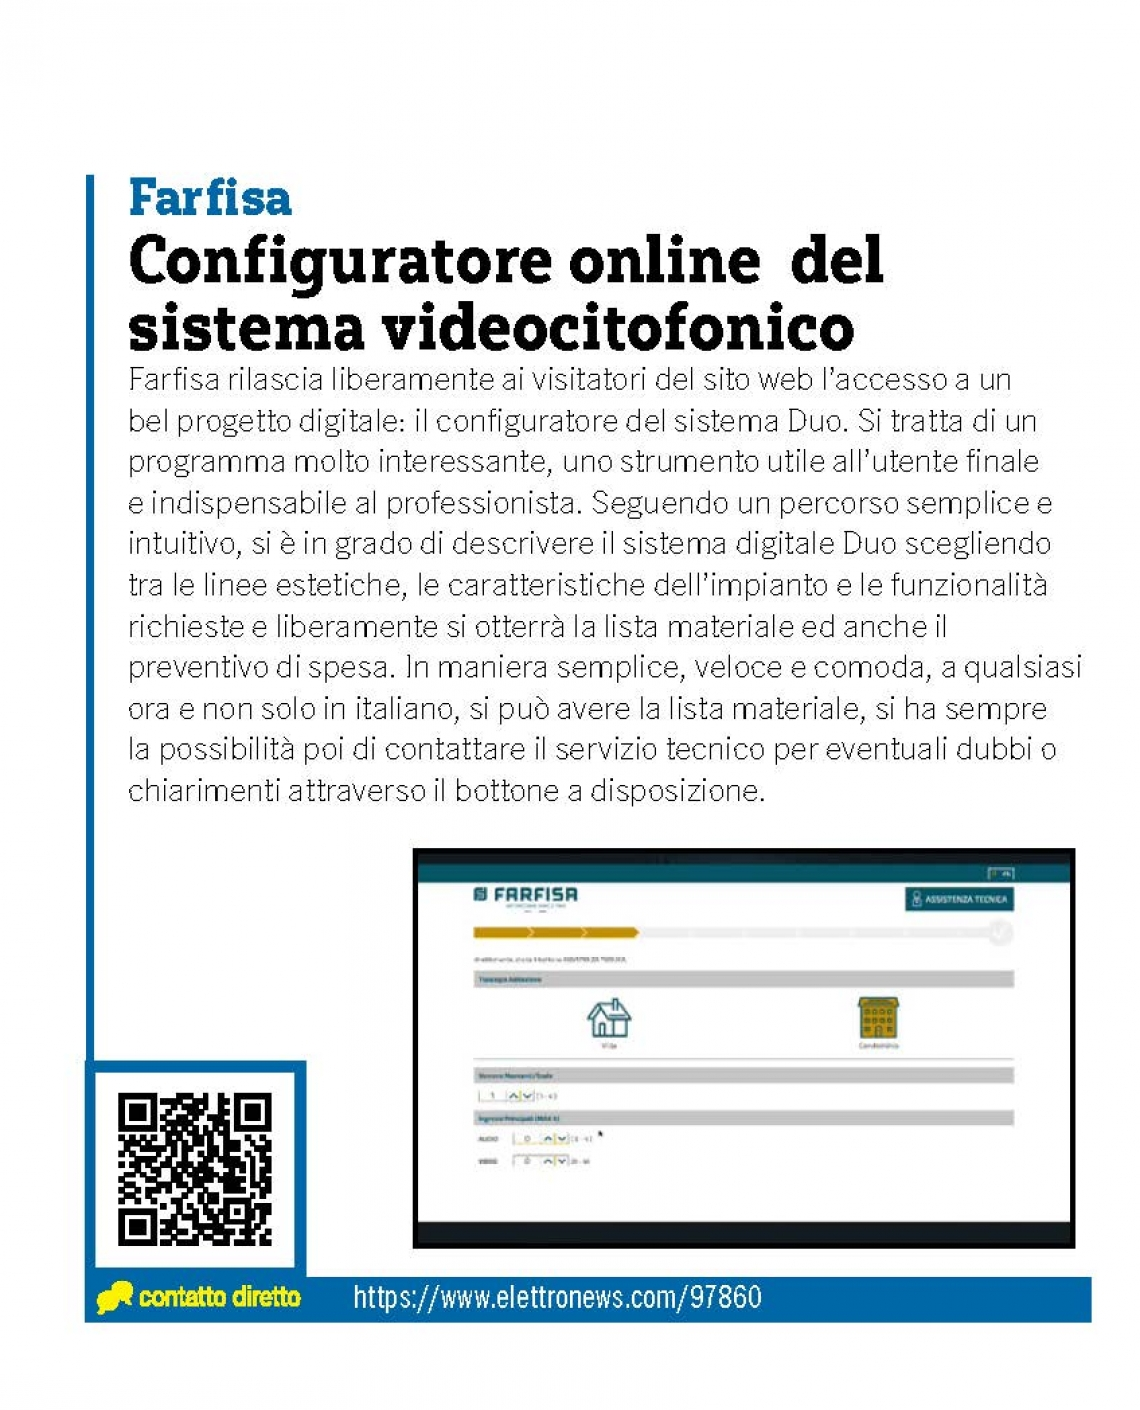 Configuratore online sistema videocitofonico